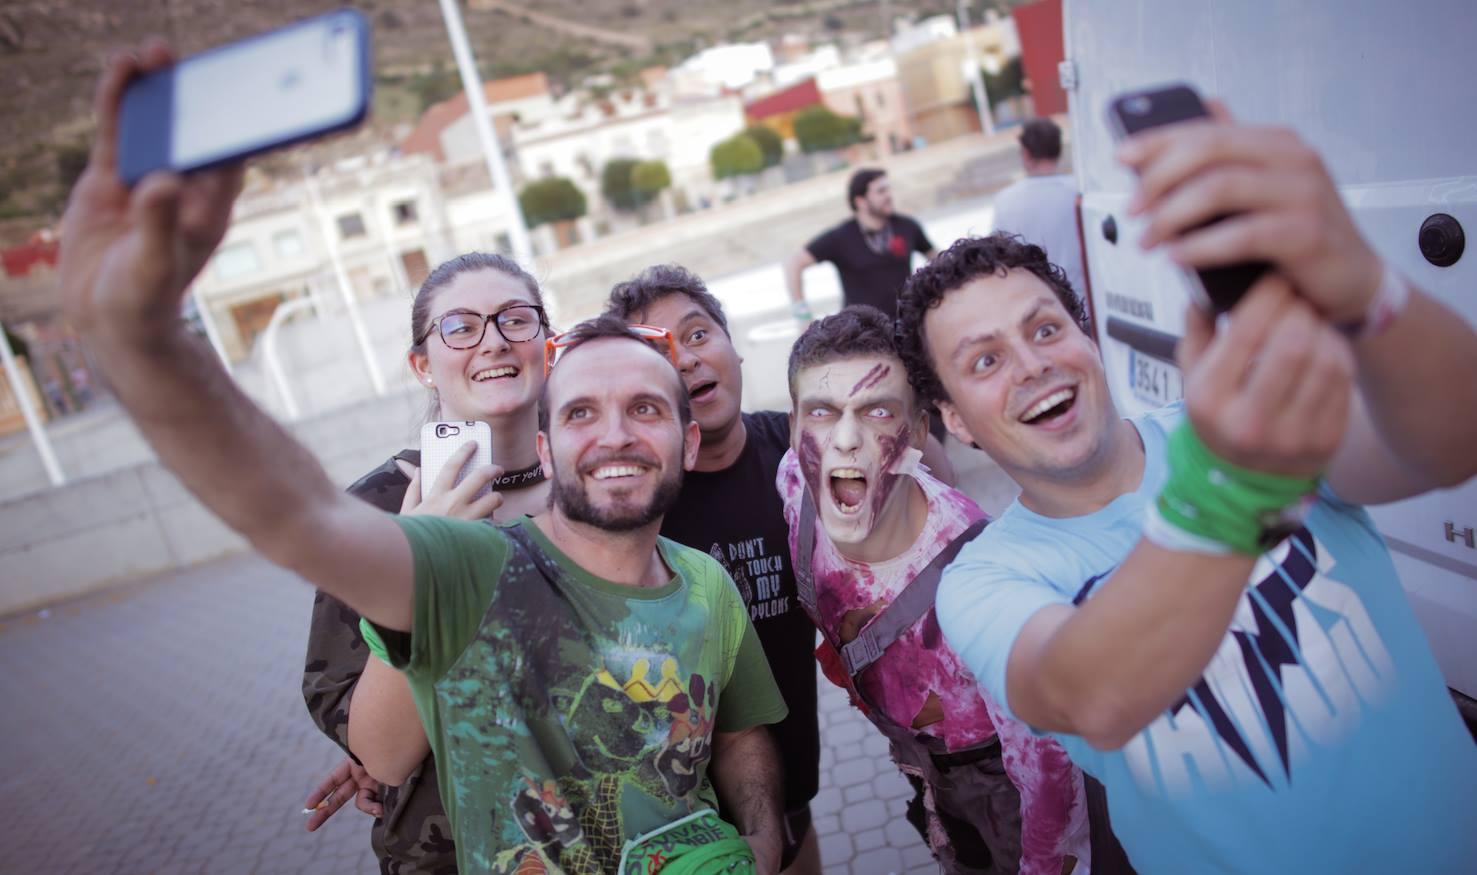 Survival Zombi es un evento que ya se ha celebrado en multitud de ciudades de España. Foto: Facebook Survival Zombie